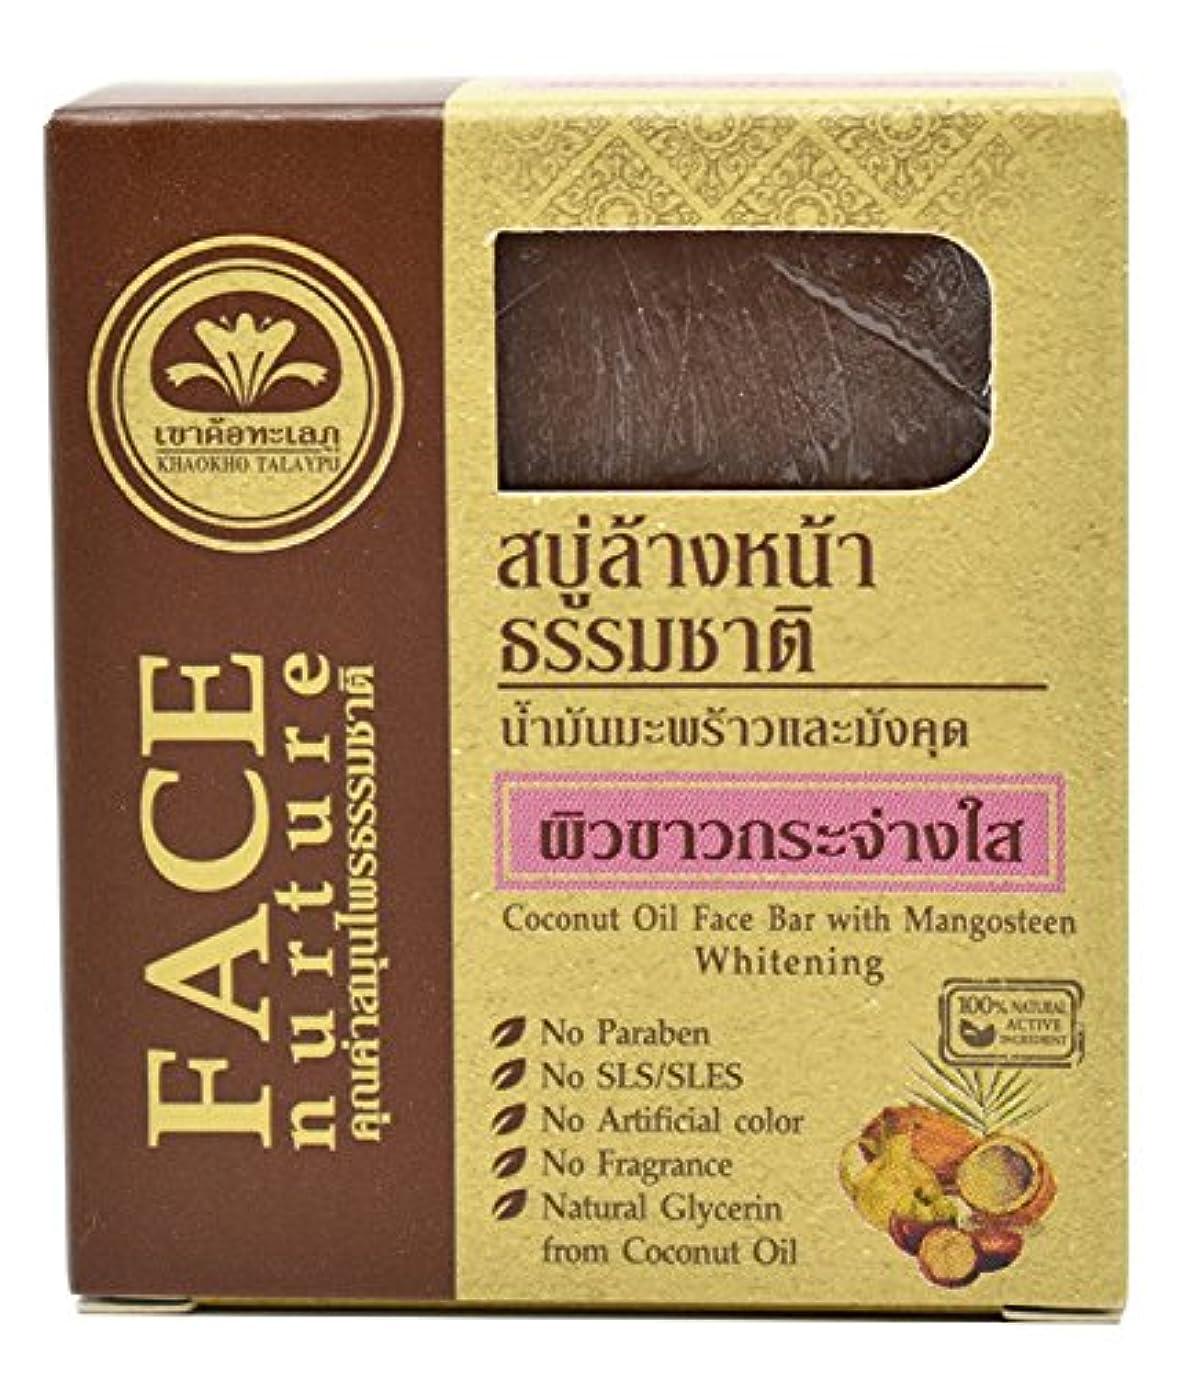 ブリッジクラッチ森林【カオコータレイプ】ココナッツオイル フェイスバー マンゴー [80g]